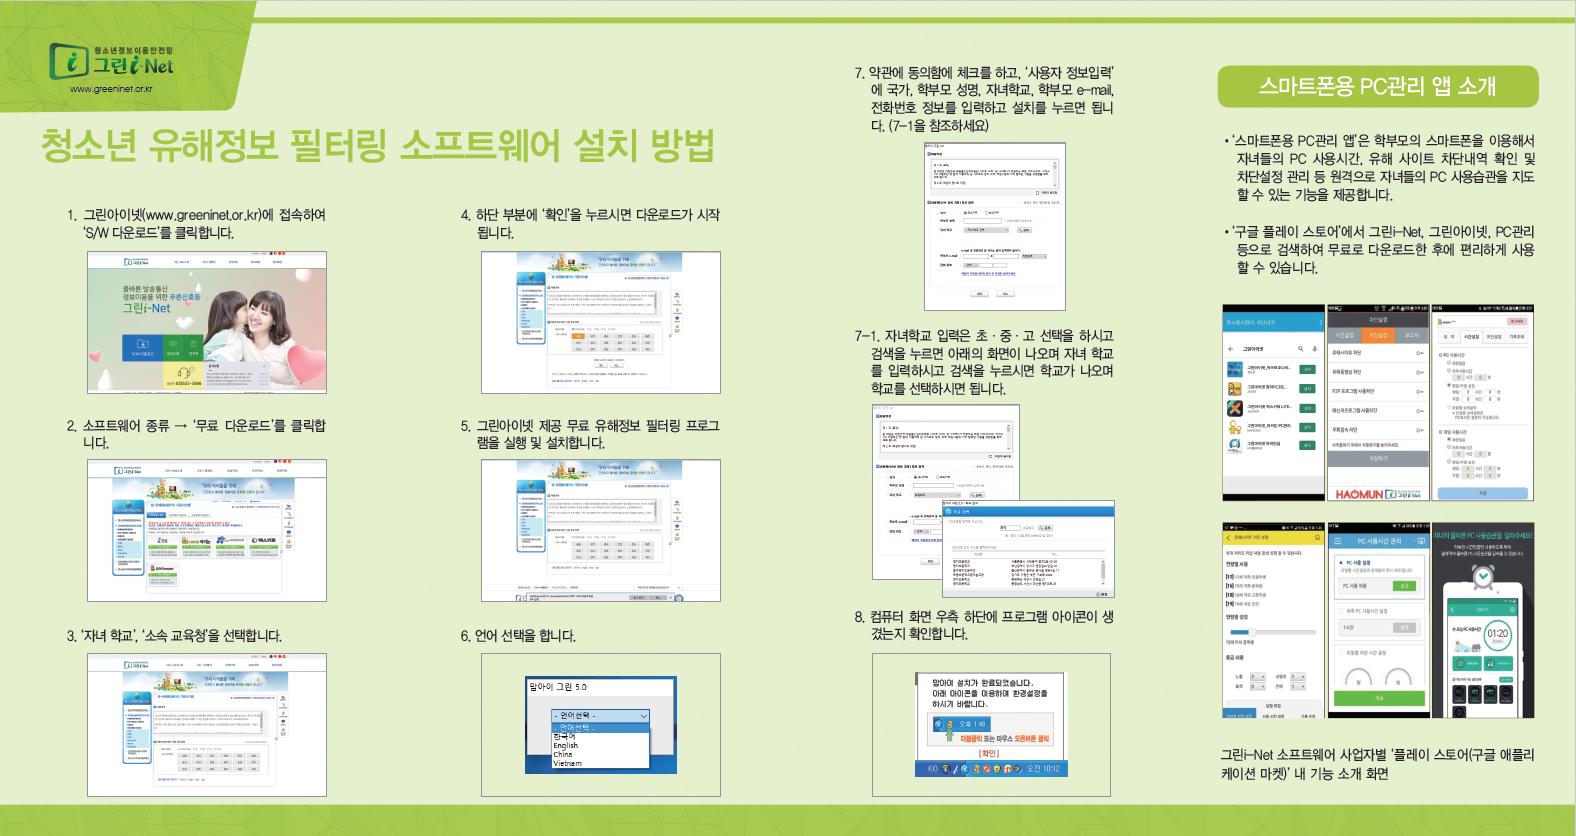 청소년 유해정보 필터링 소프트웨어 안내1